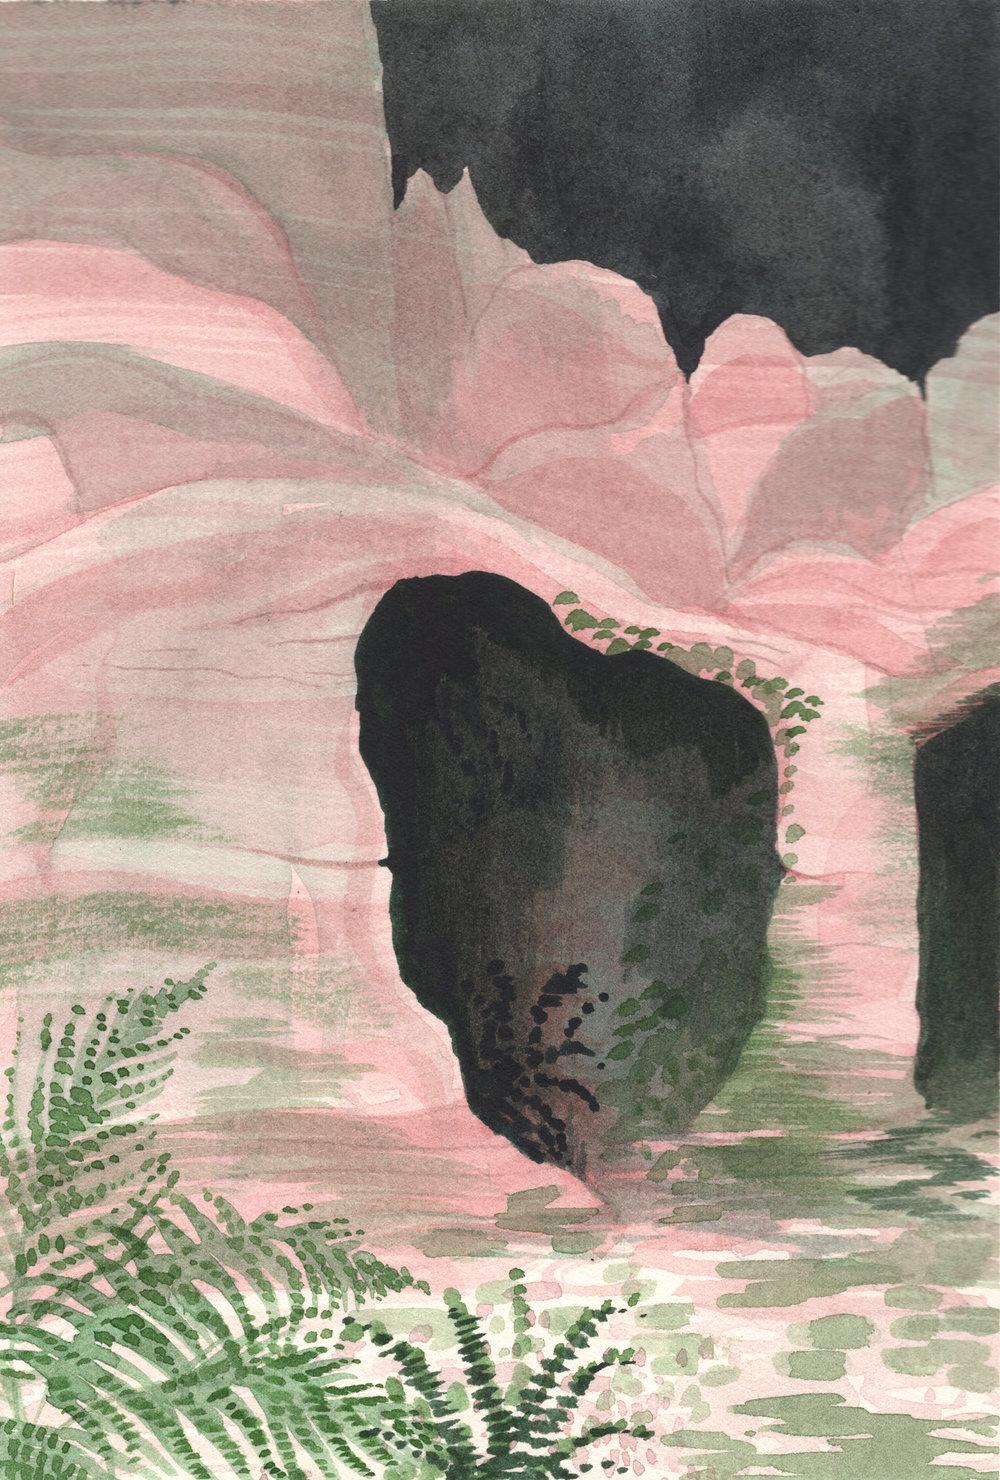 pink cave instagram.jpg